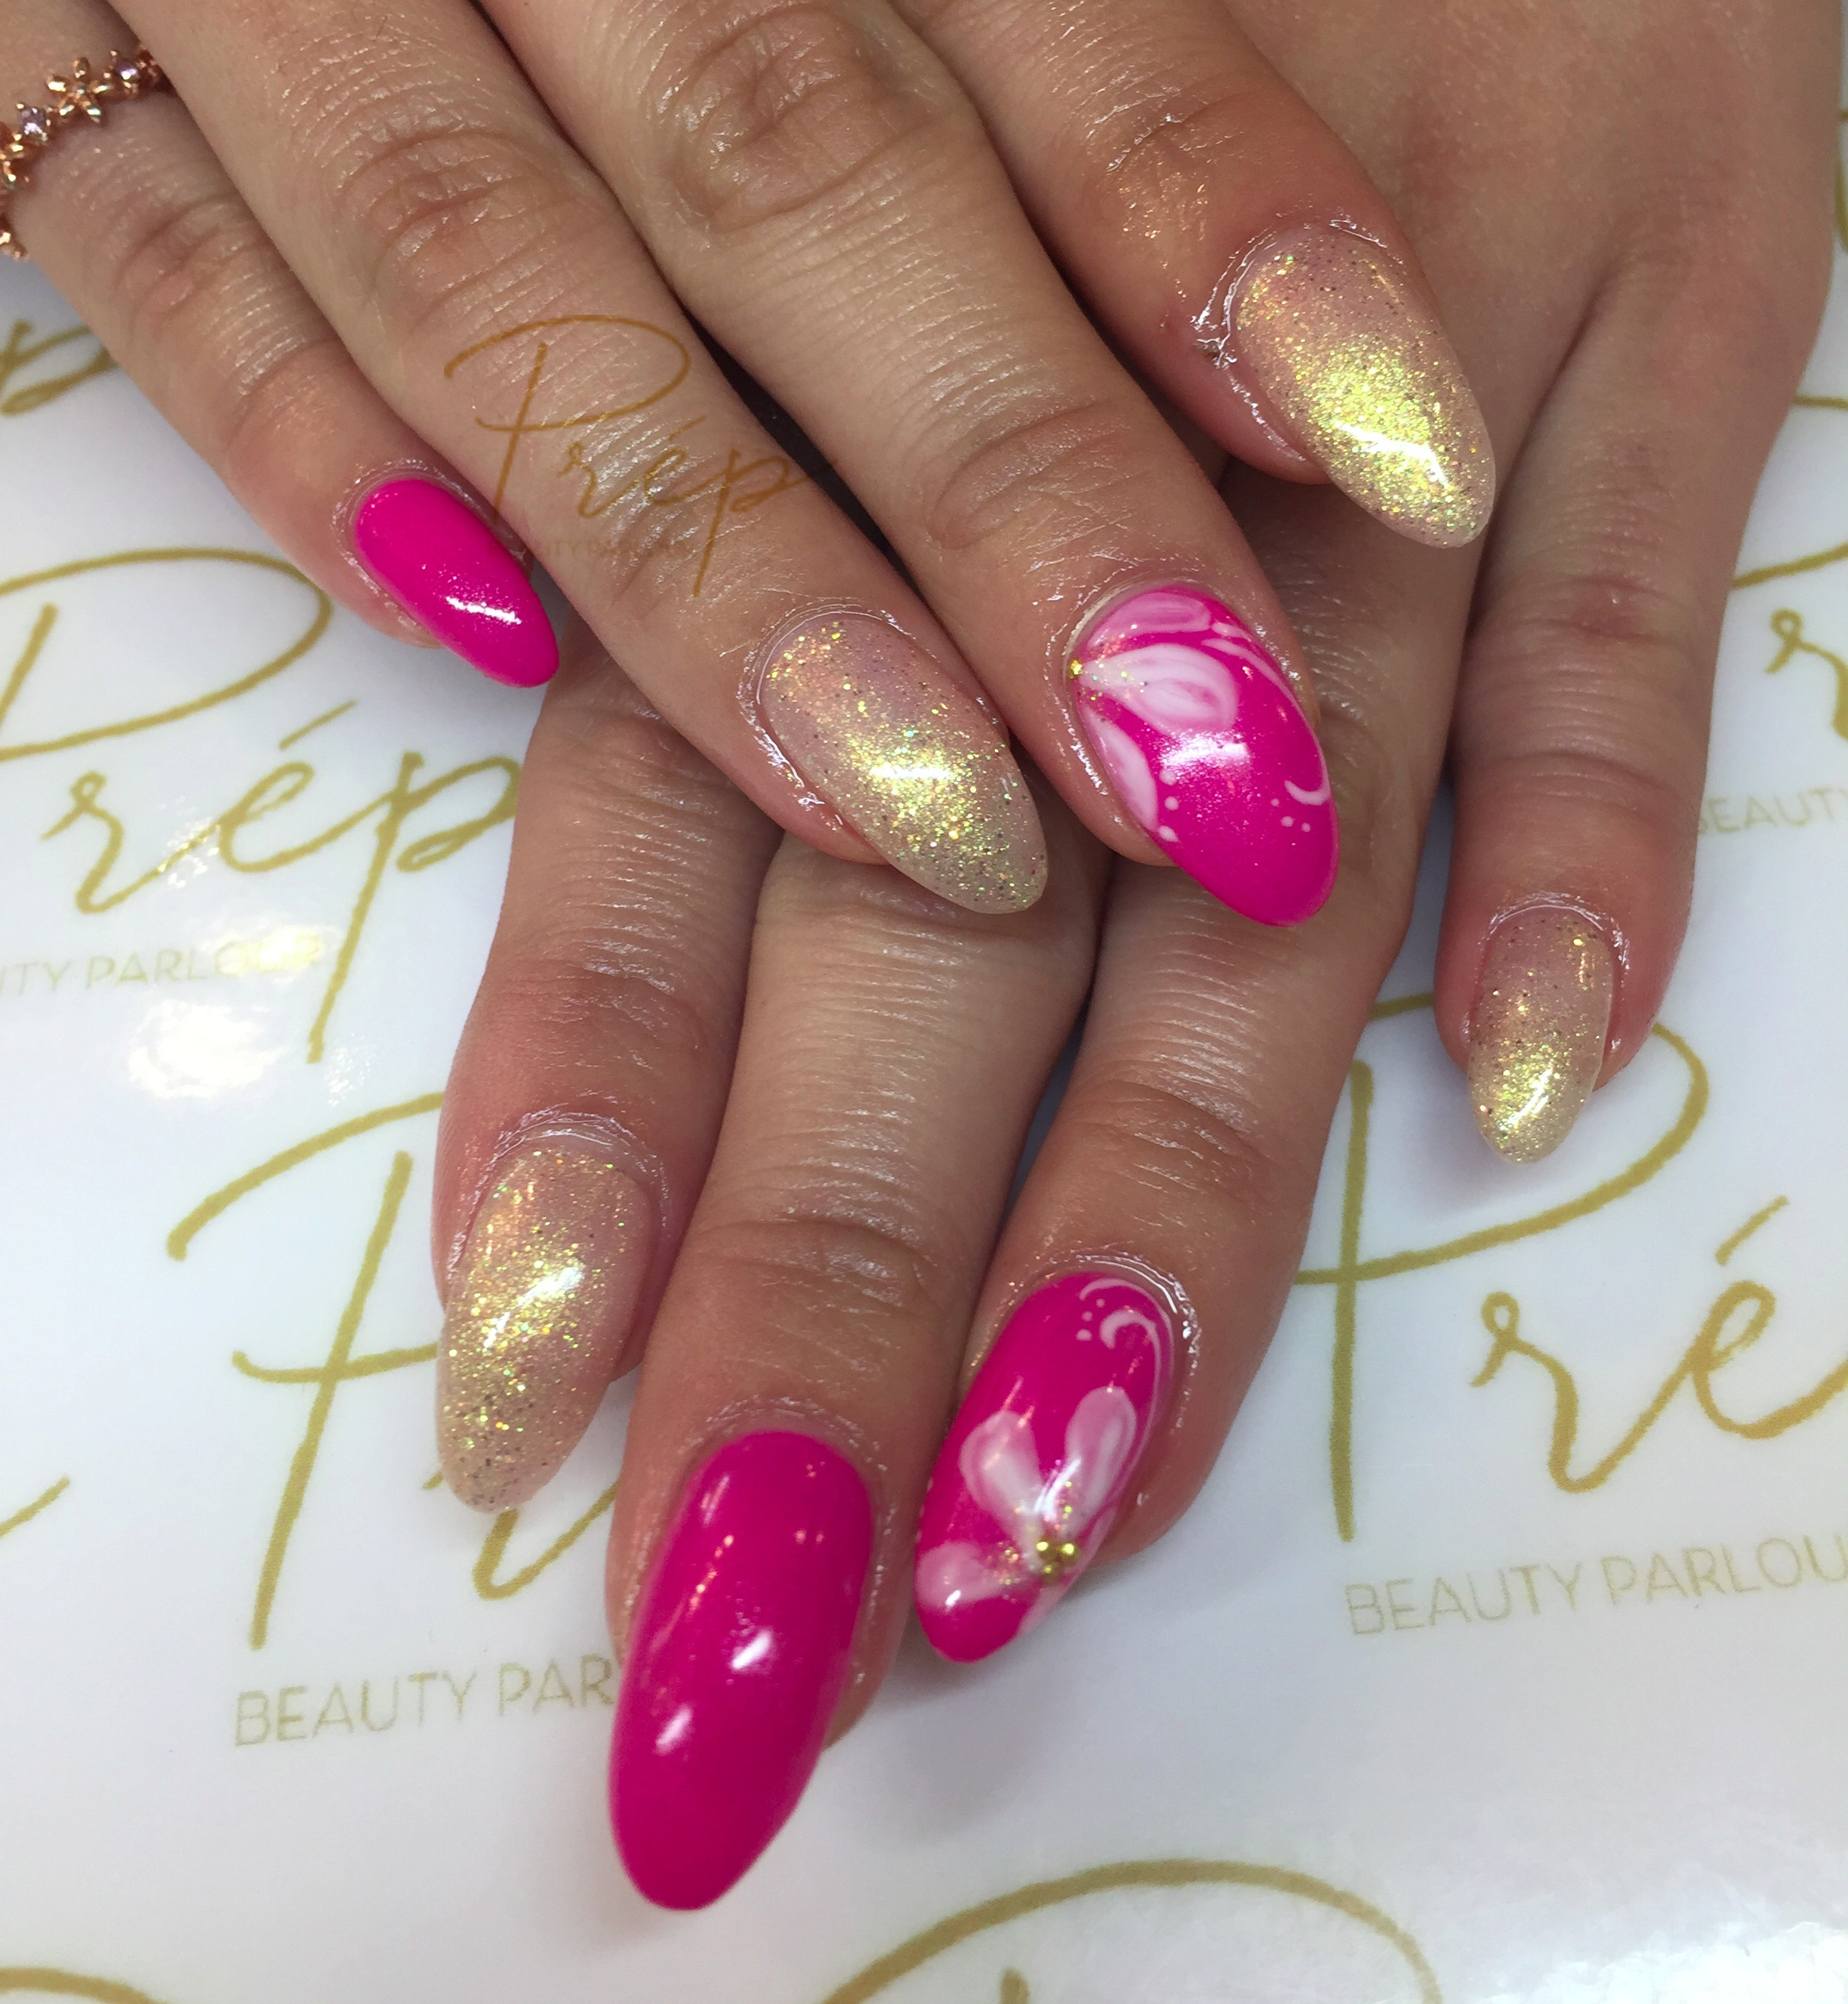 Floral Pink Long Gel Extension Vancouver| Prép Beauty Parlour